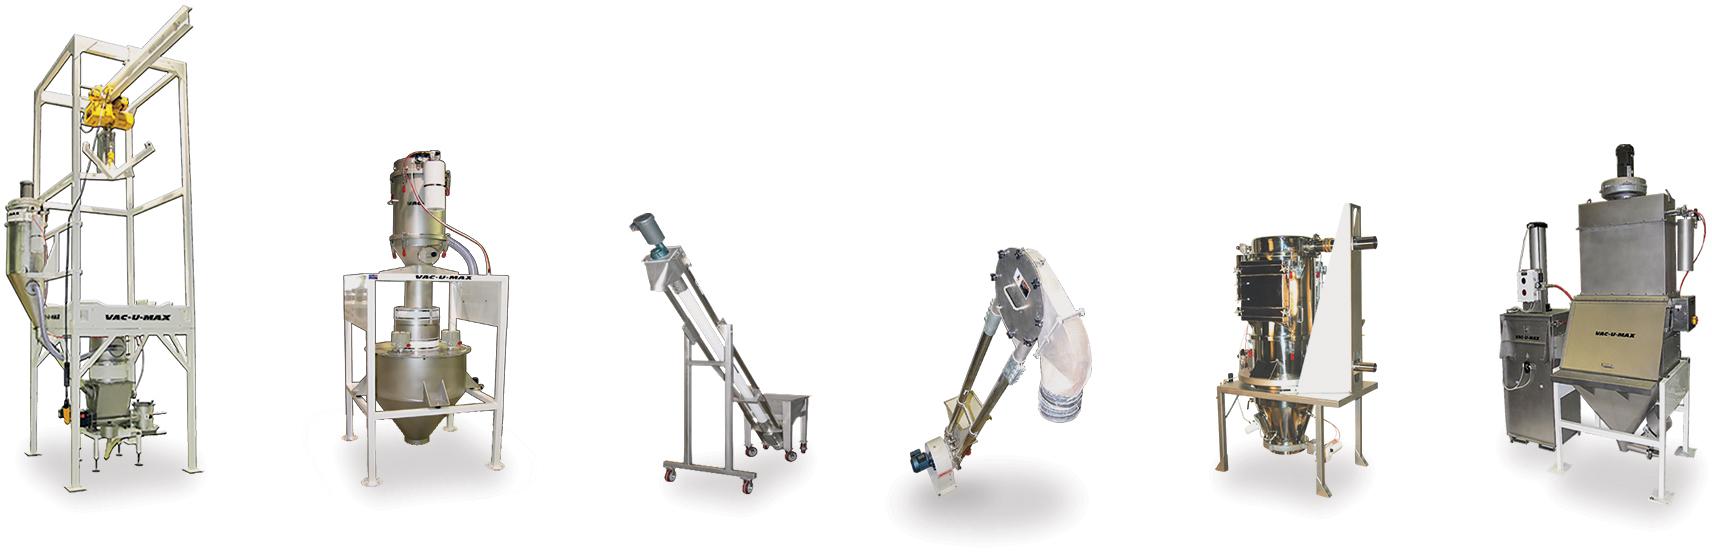 VAC-U-MAX Products